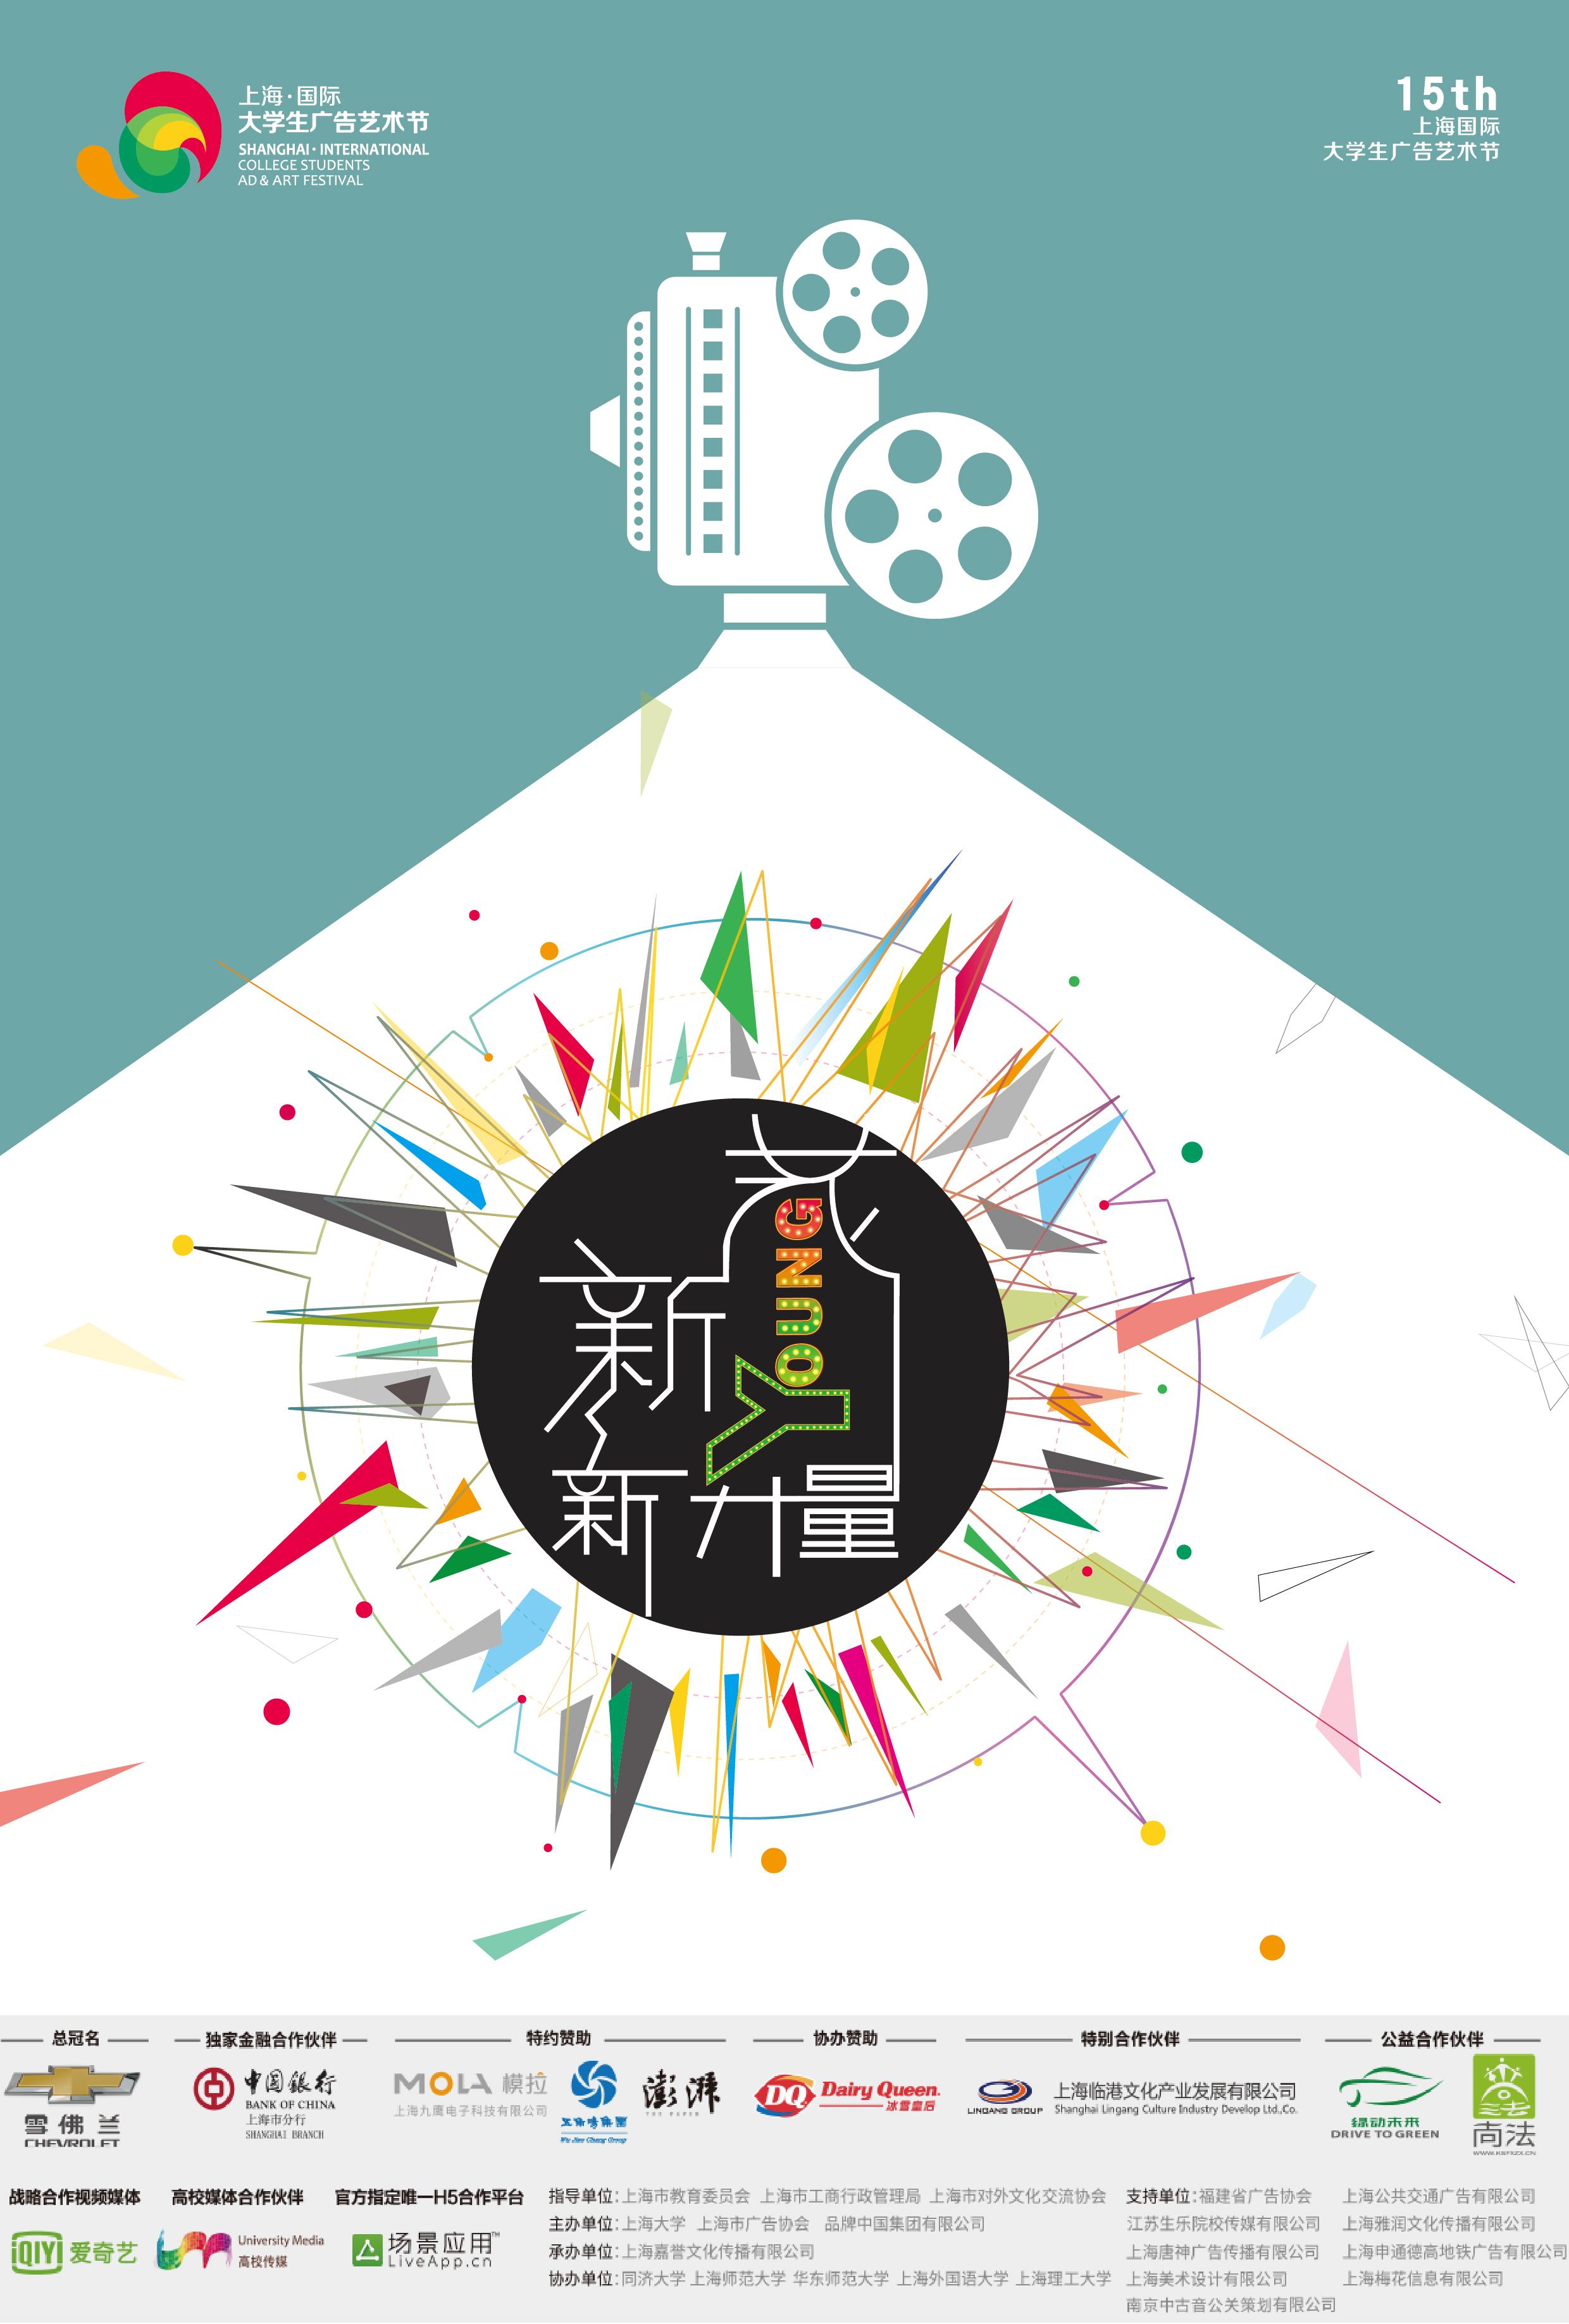 海报艺术字设计艺术节-海报艺术字-艺术节艺术字-艺术节海报设计-小